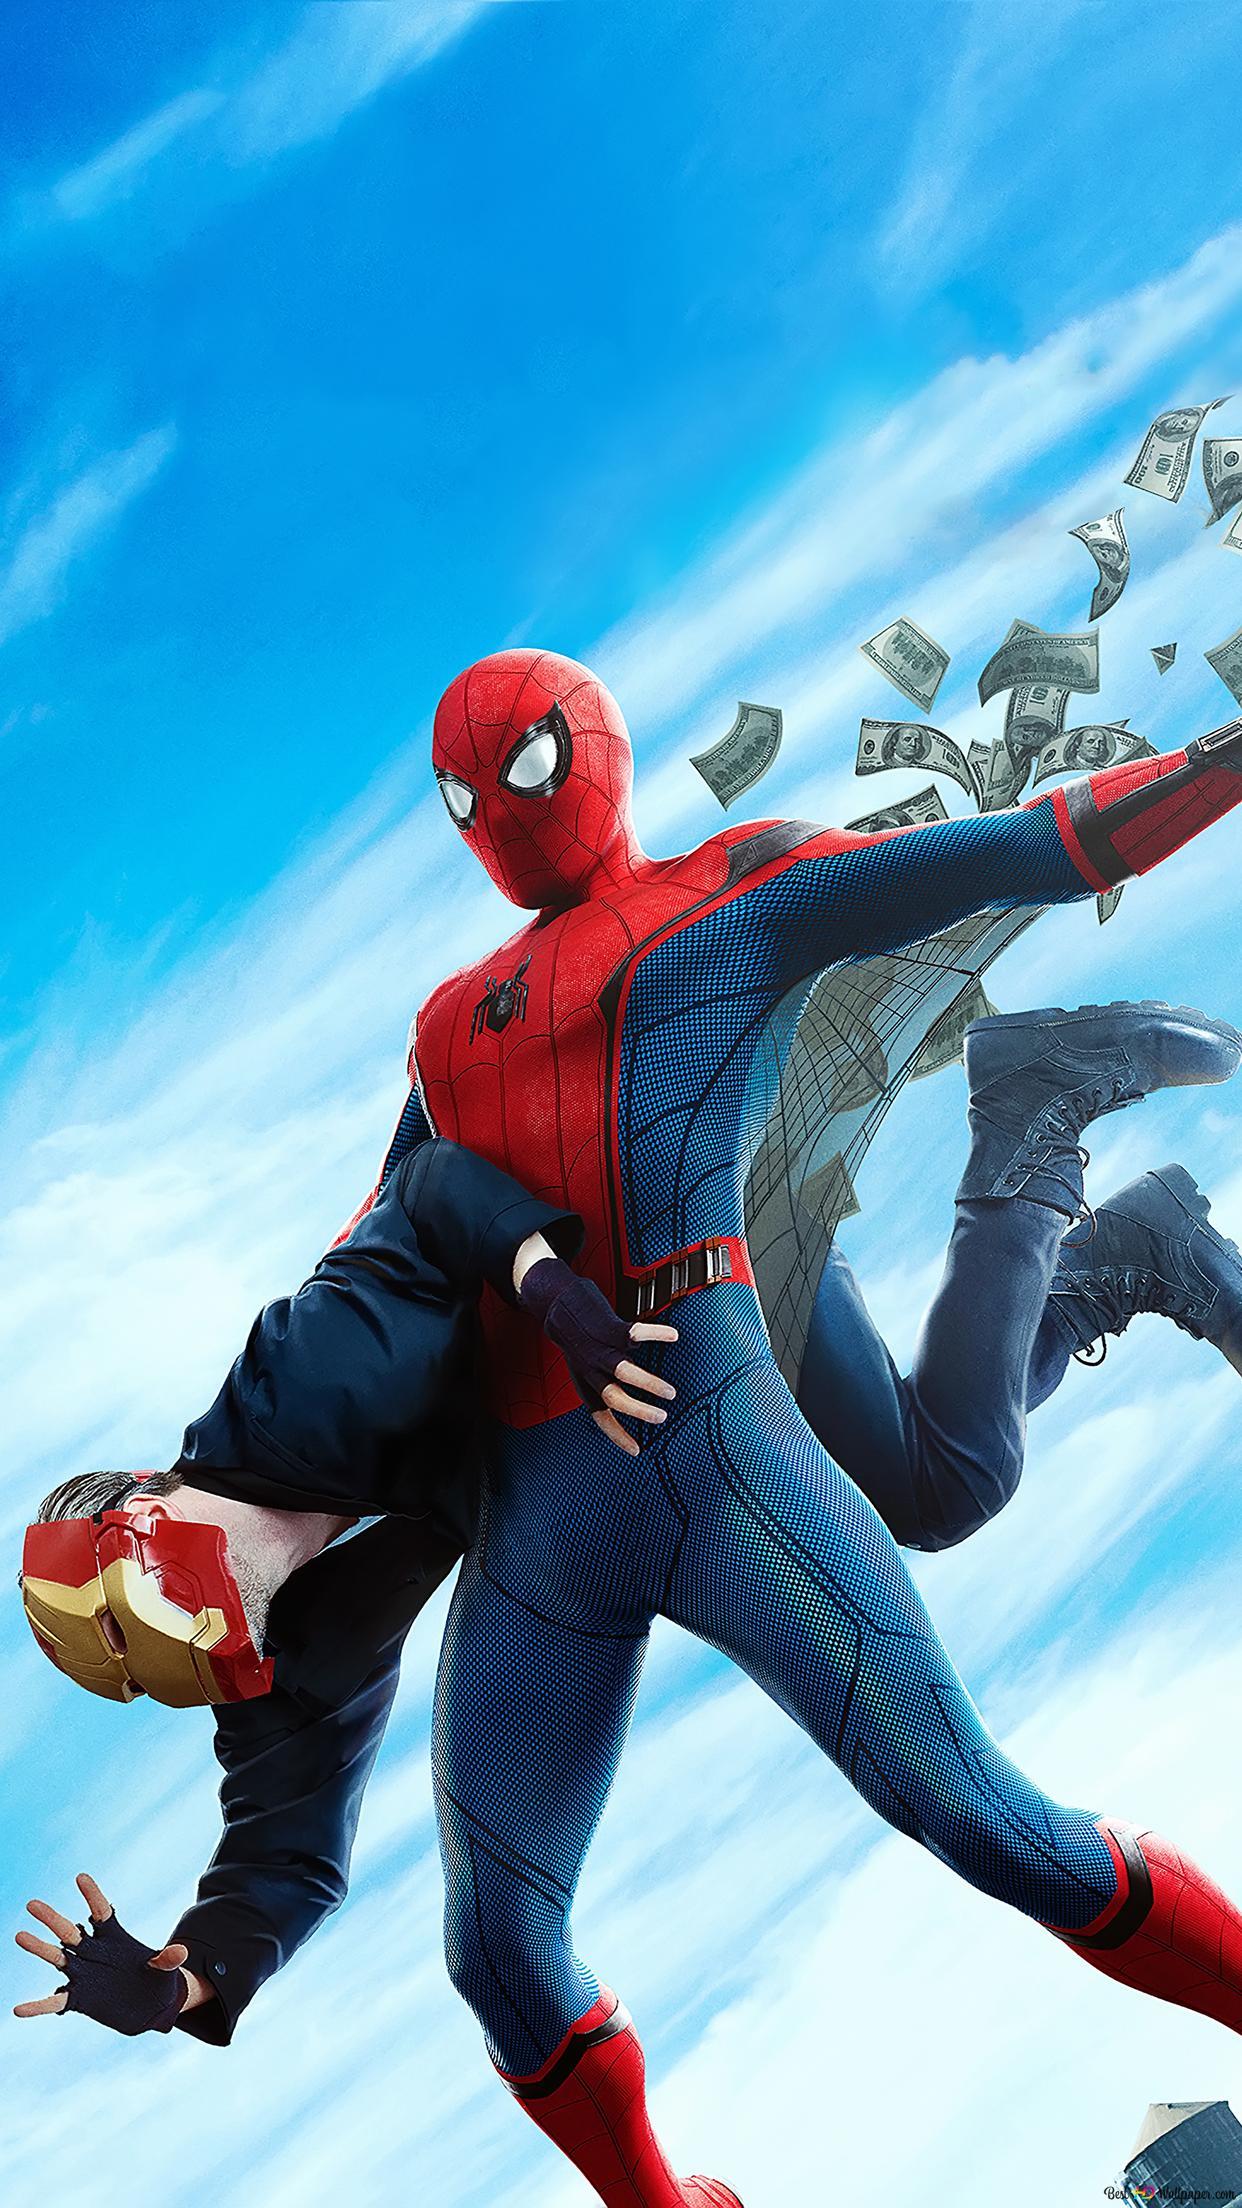 Spider Man Homecoming Film Spiderman Z Złodziej Hd Tapety